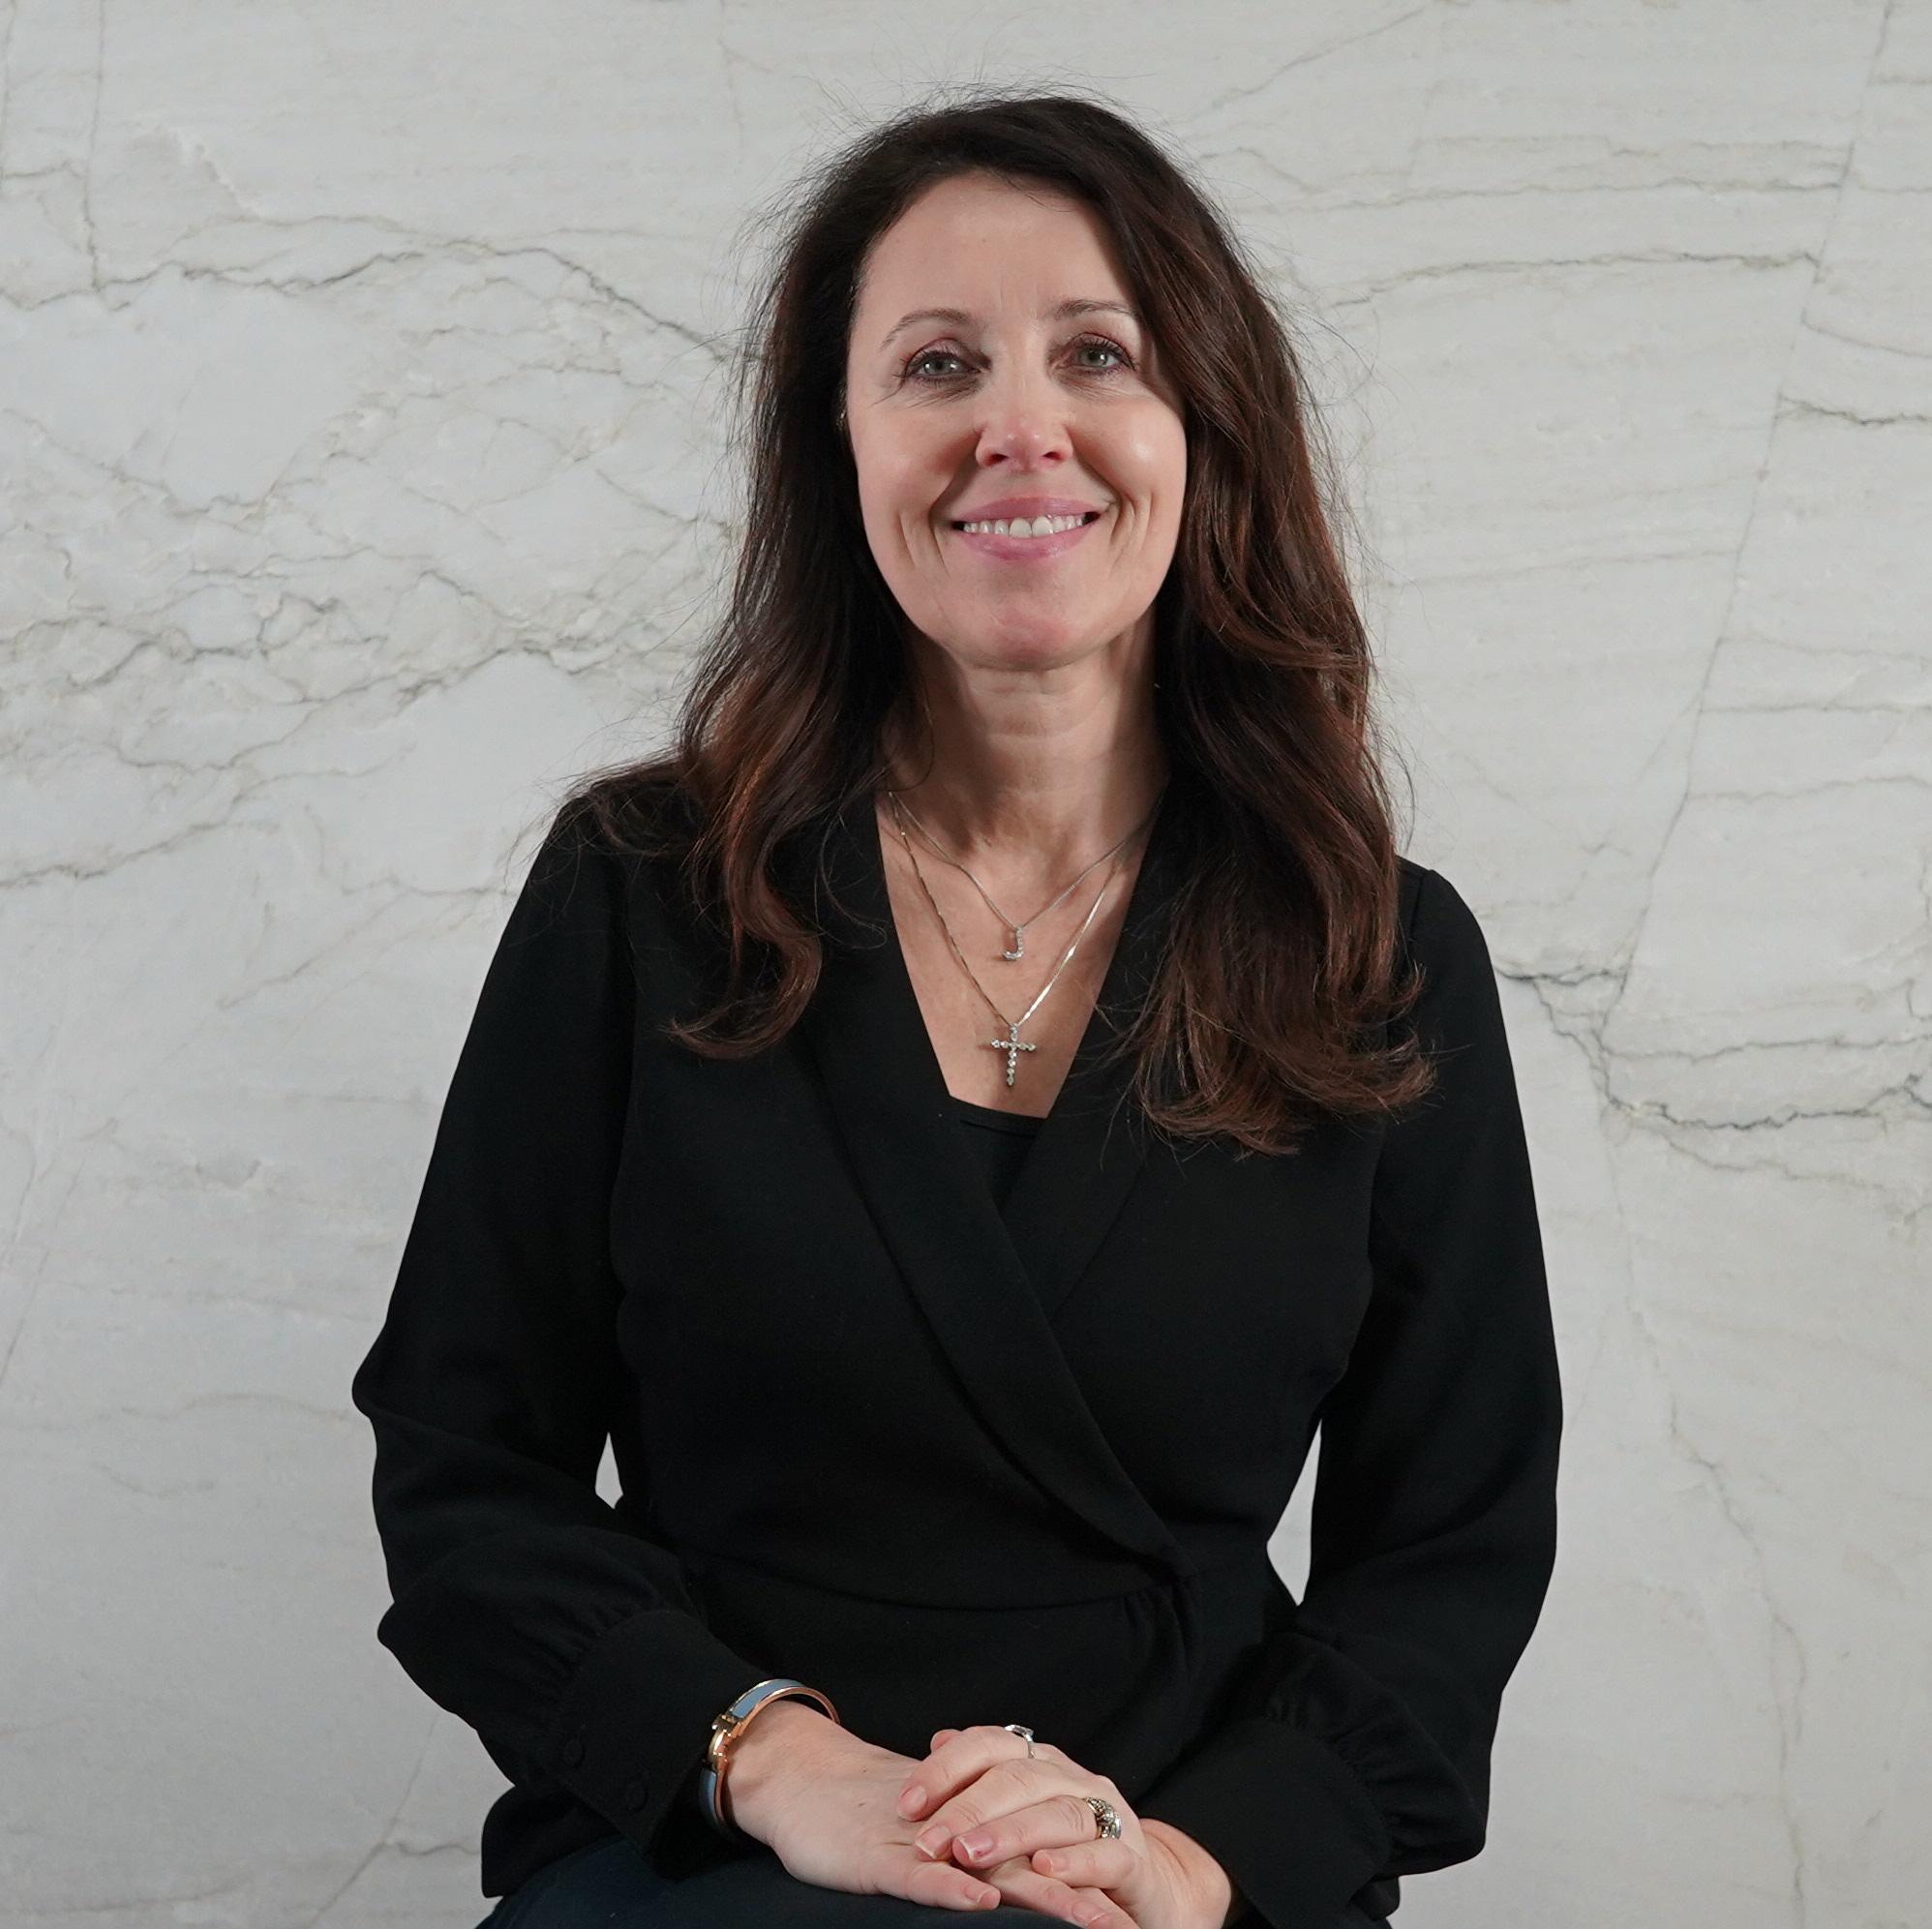 Joanna Jakson